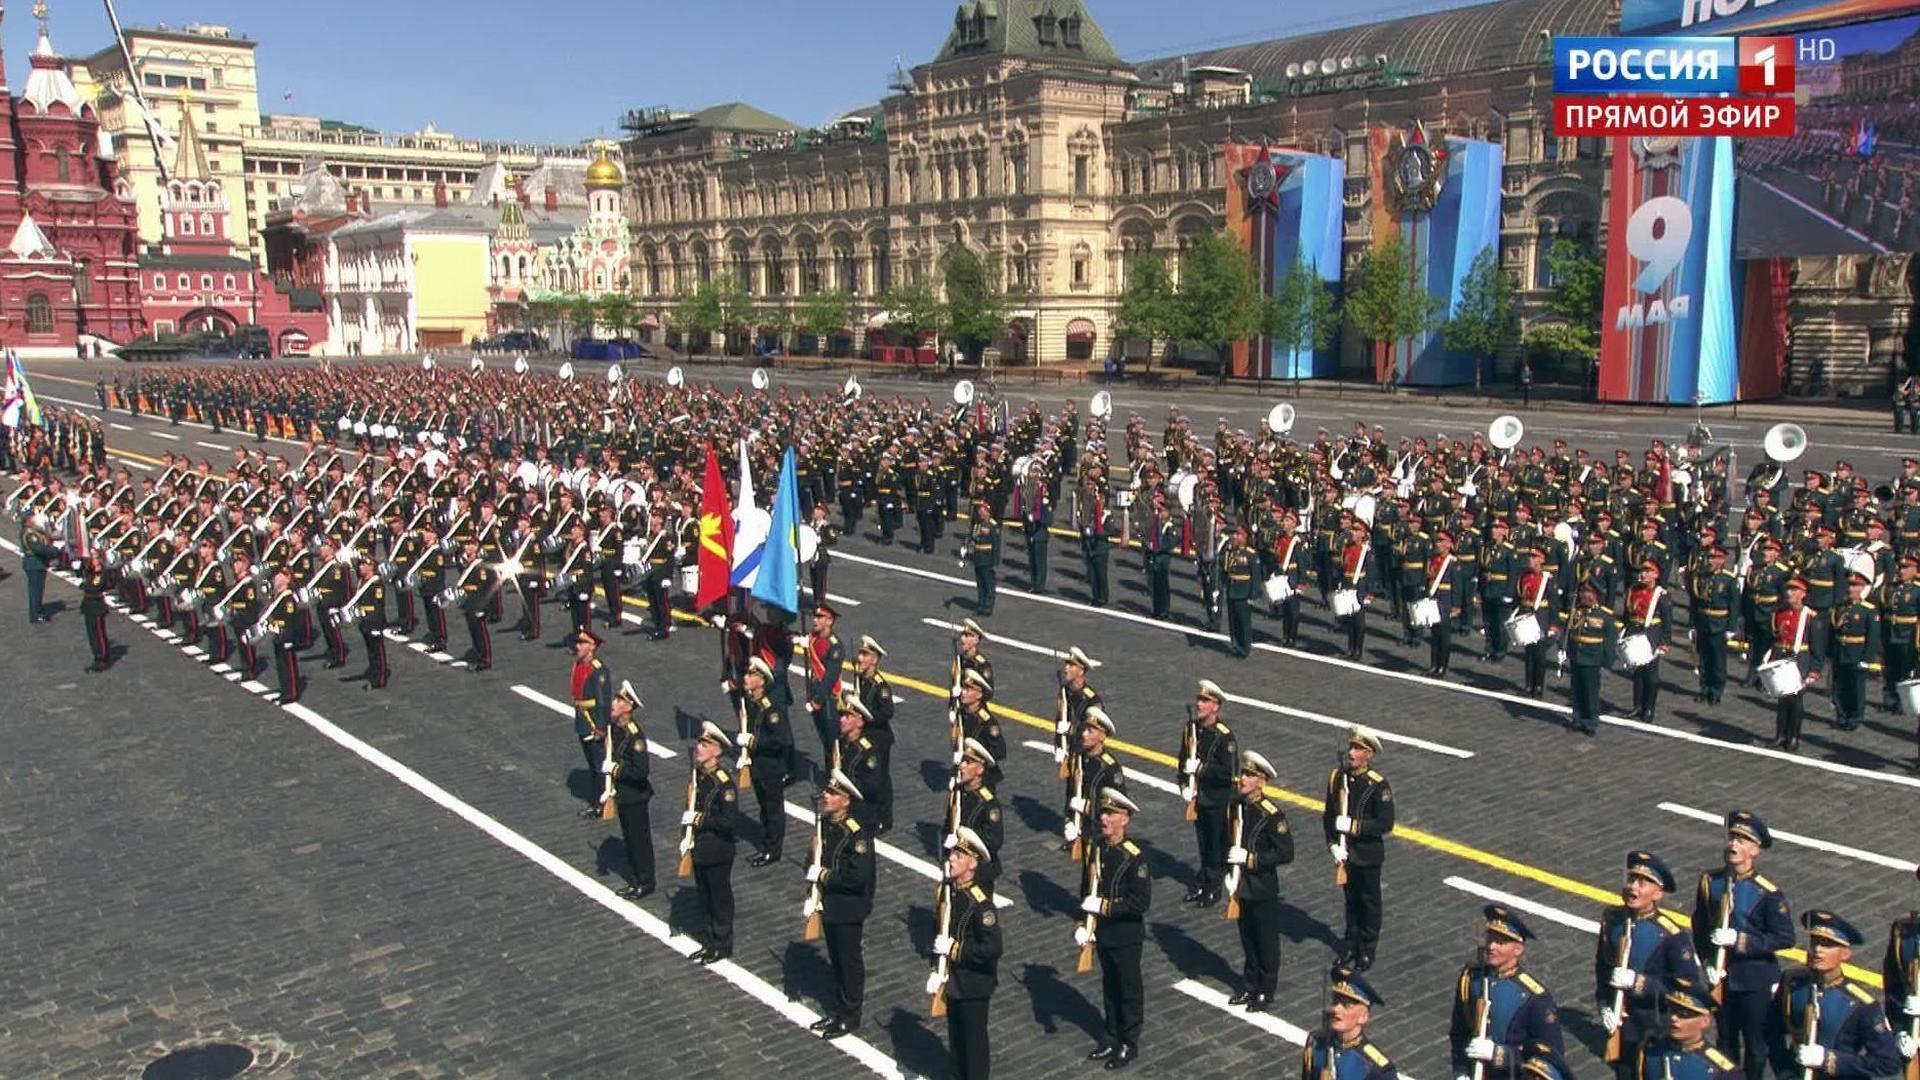 Военный парад, посвященный 74-й годовщине Победы в Великой Отечественной войне 1941-1945 годов